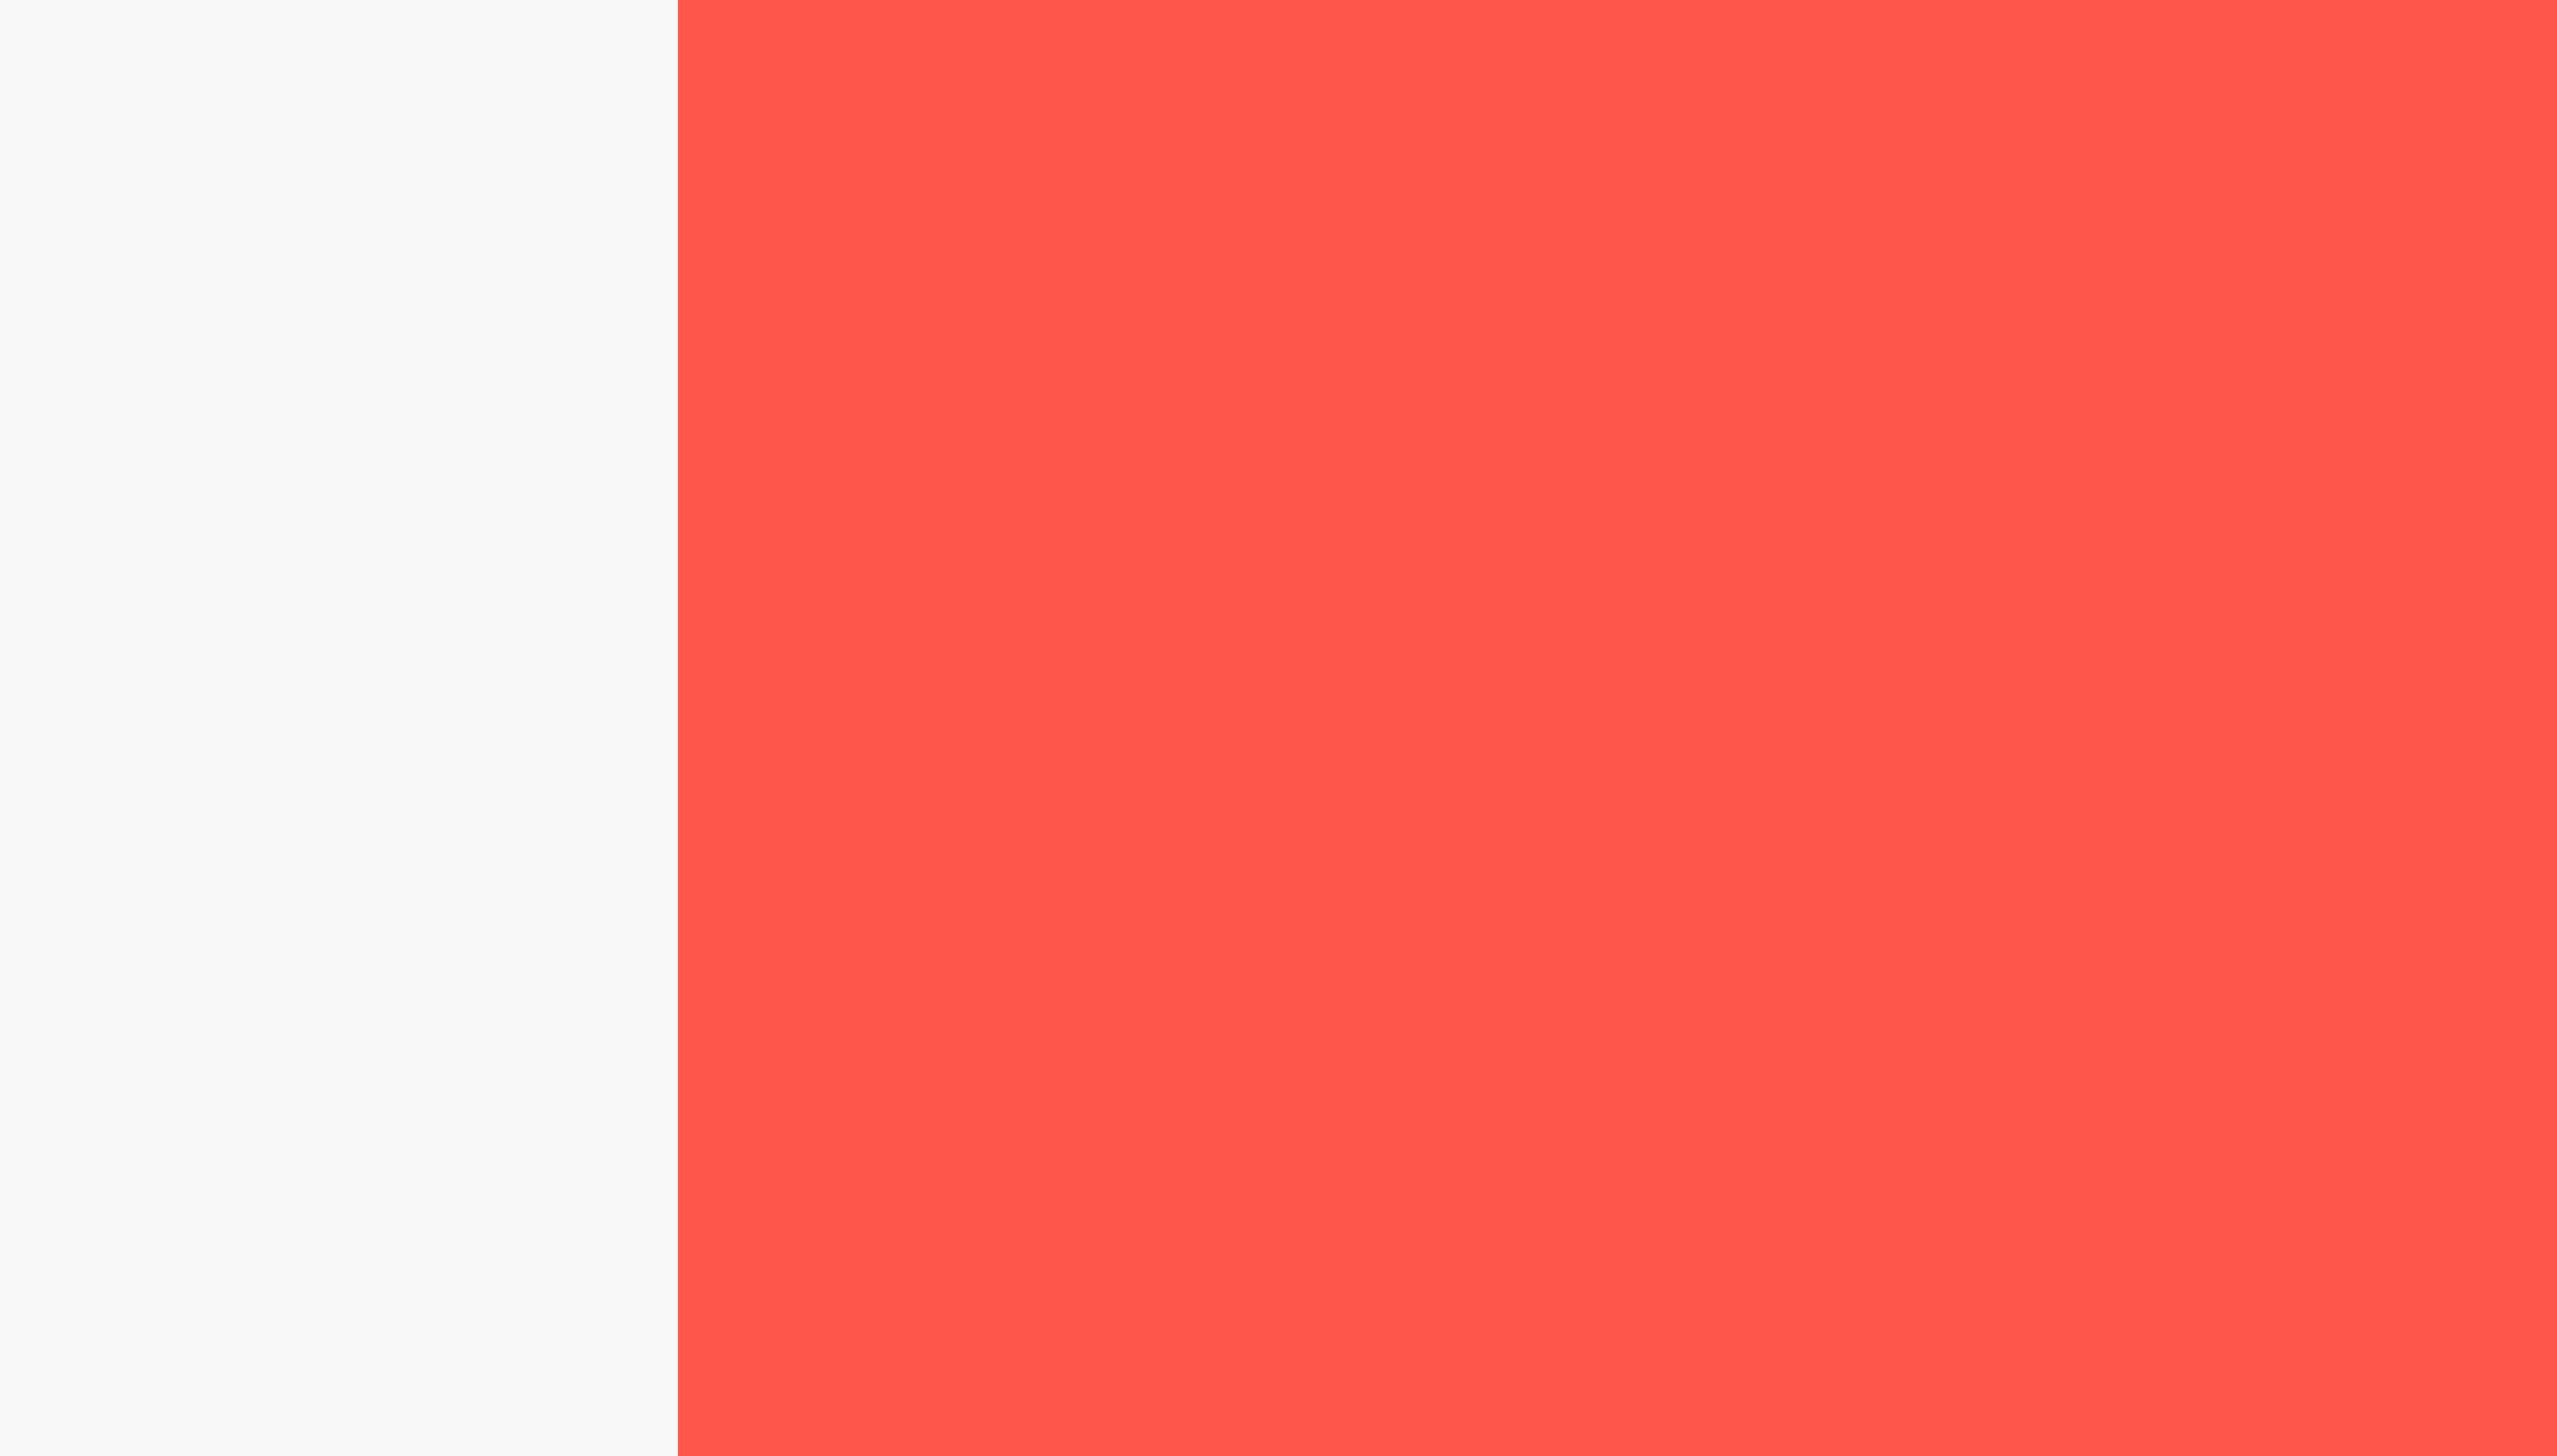 bg-red-slider